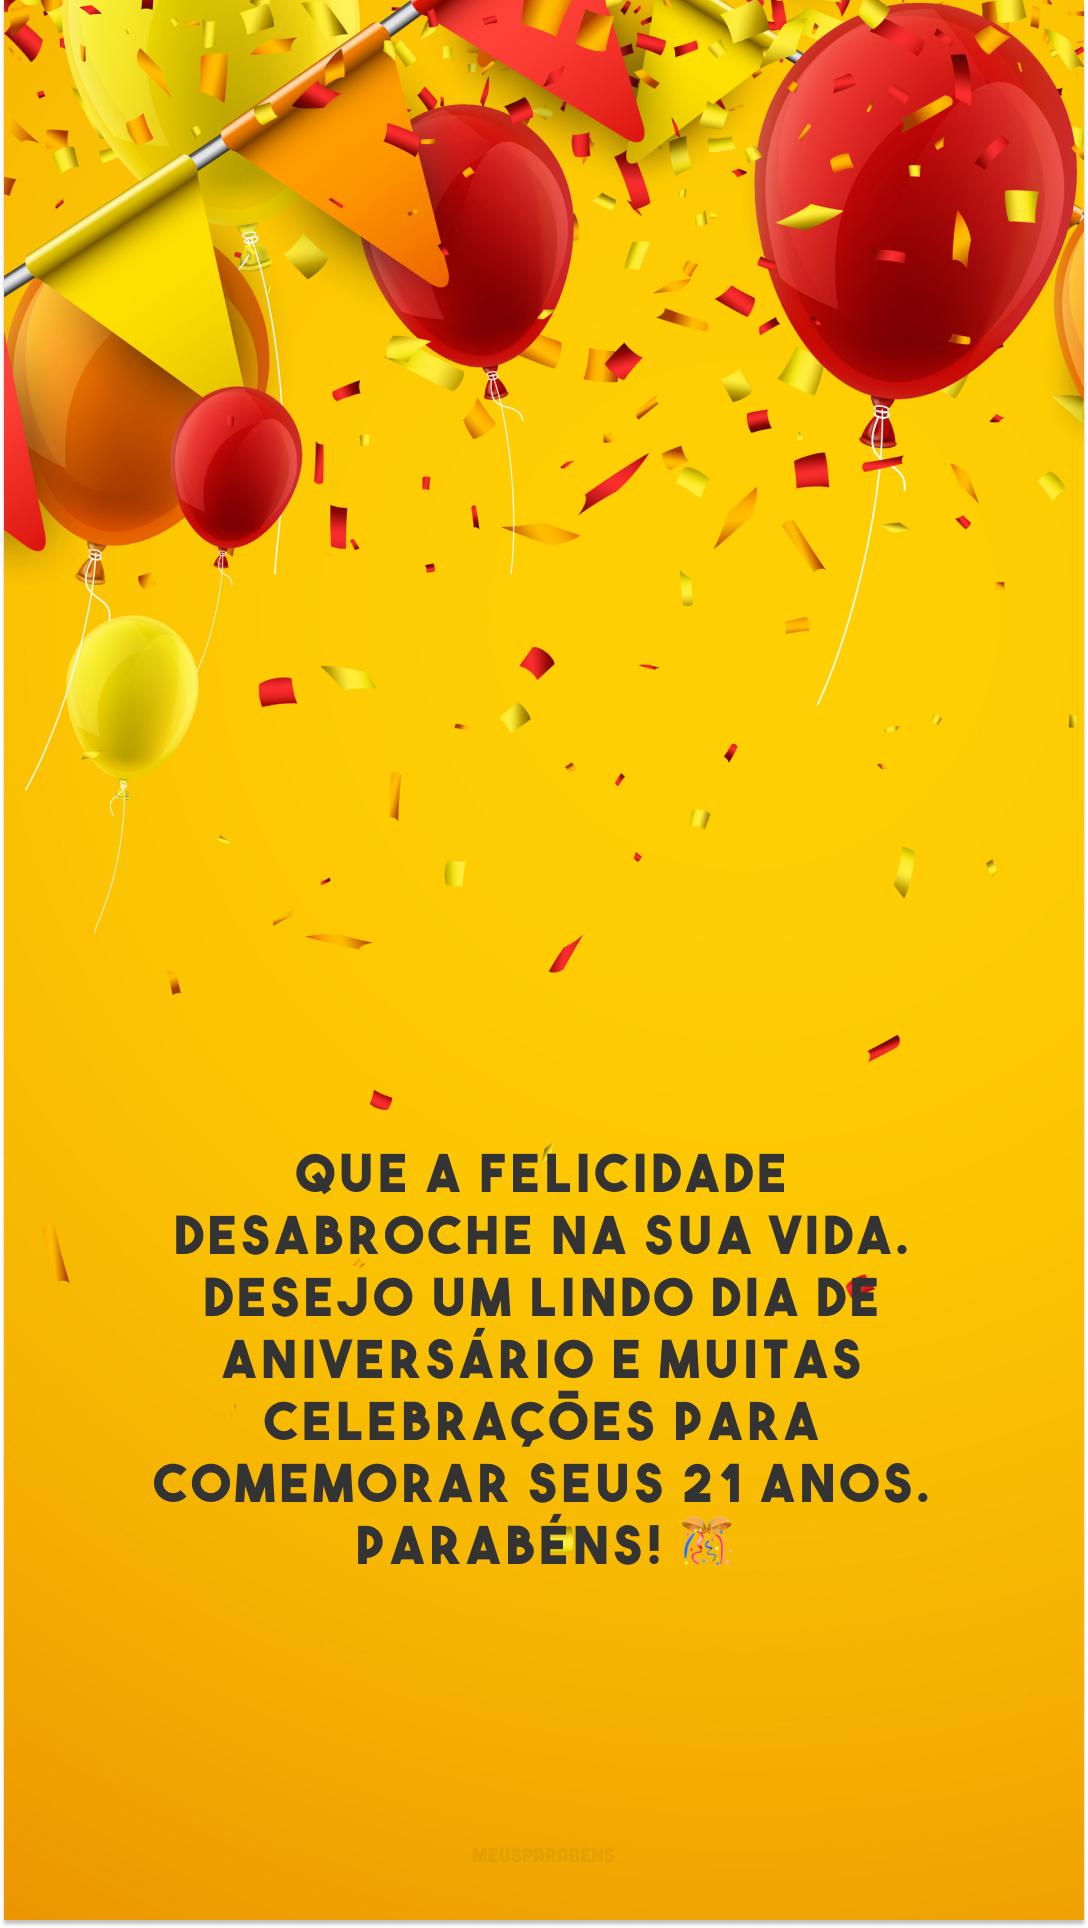 Que a felicidade desabroche na sua vida. Desejo um lindo dia de aniversário e muitas celebrações para comemorar seus 21 anos. Parabéns! 🎊